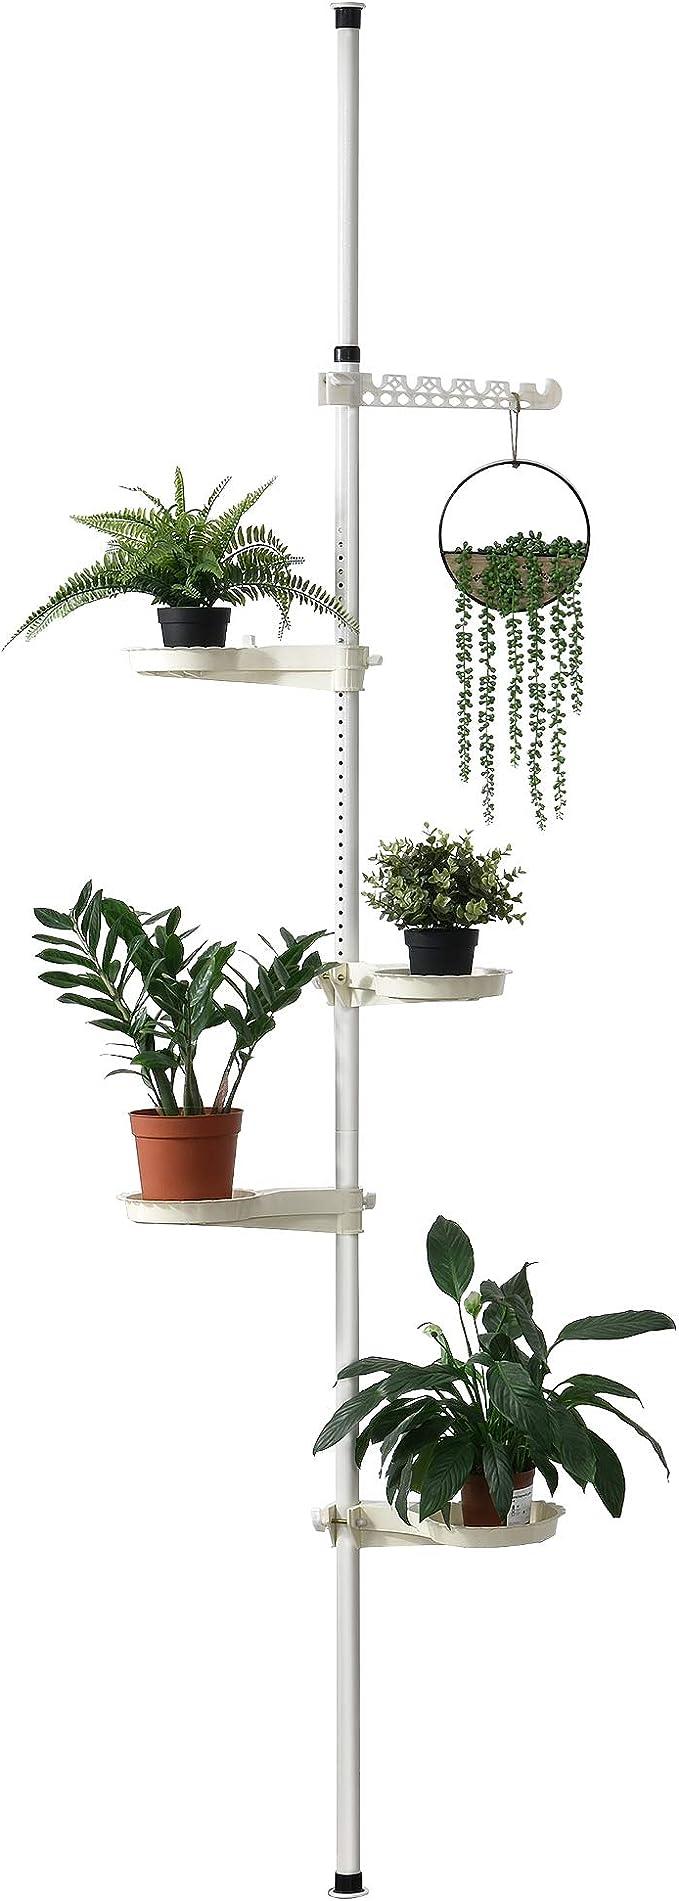 [en.casa] Telescopic Flower Shelf 110 - 305 cm Plant Stairs Plant Shelf, Holds up to 8 kg: Amazon.de: Küche & Haushalt